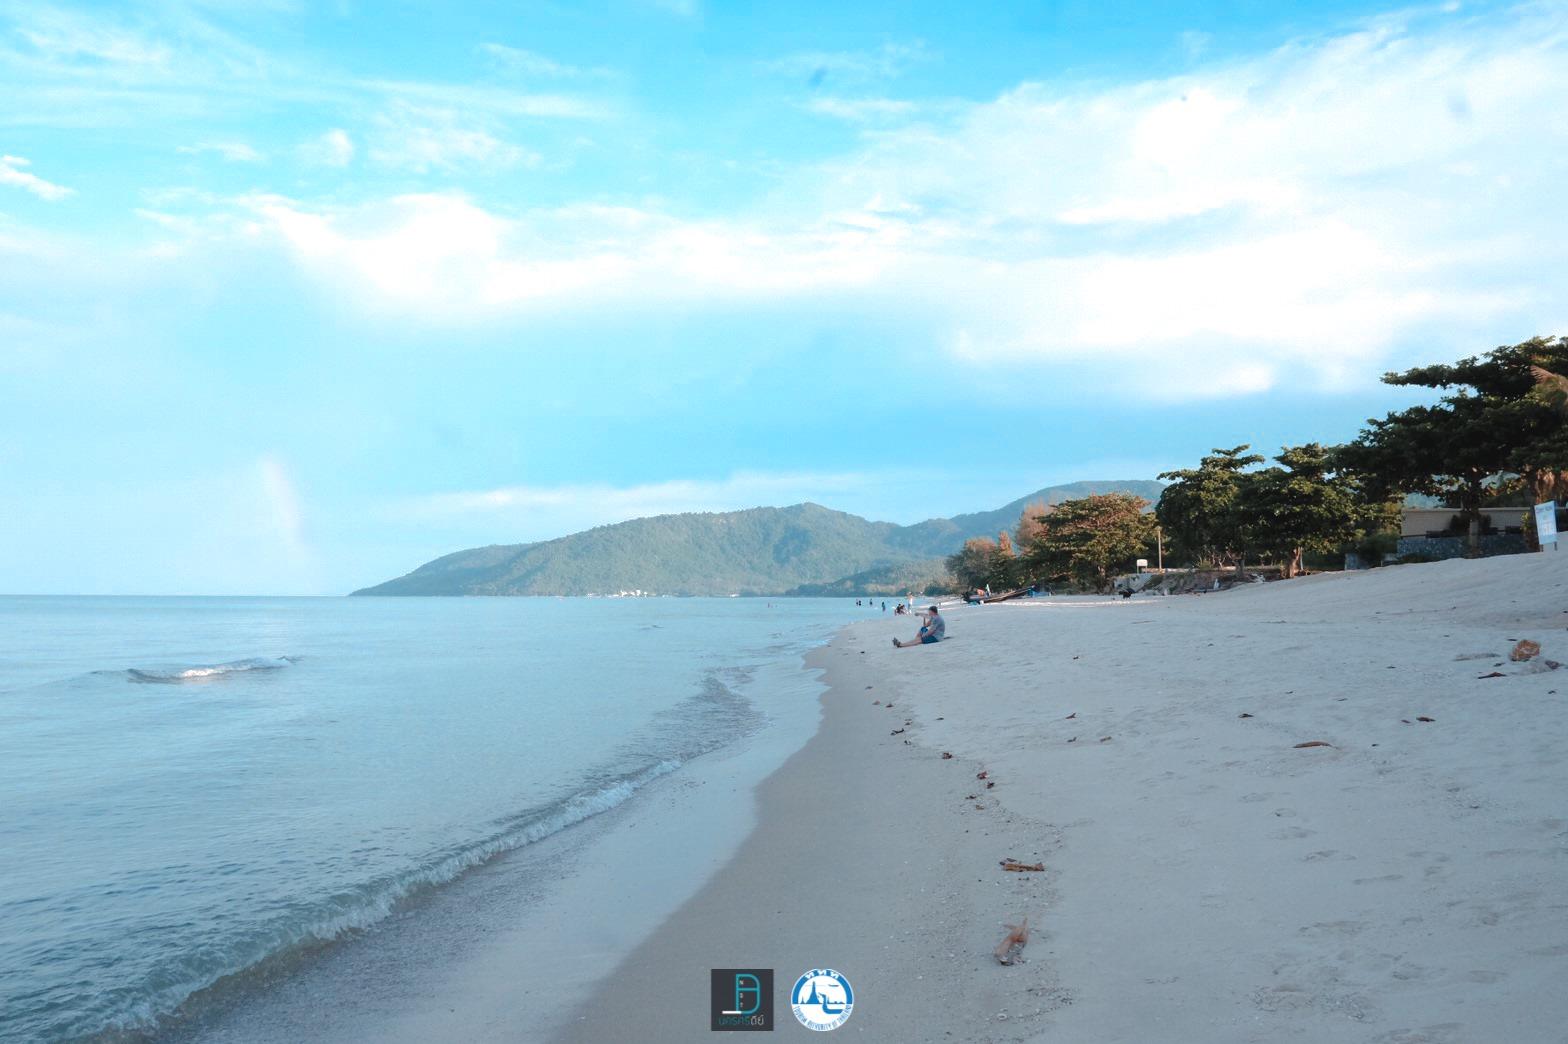 14.-ชายหาดขนอม-สวย-สะอาด-เดินชิววว นครศรีธรรมราช,จุดเช็คอิน,ที่ท่องเที่ยว,ของกิน,โกโก้,TAT,การท่องเที่ยวแห่งประเทศไทย